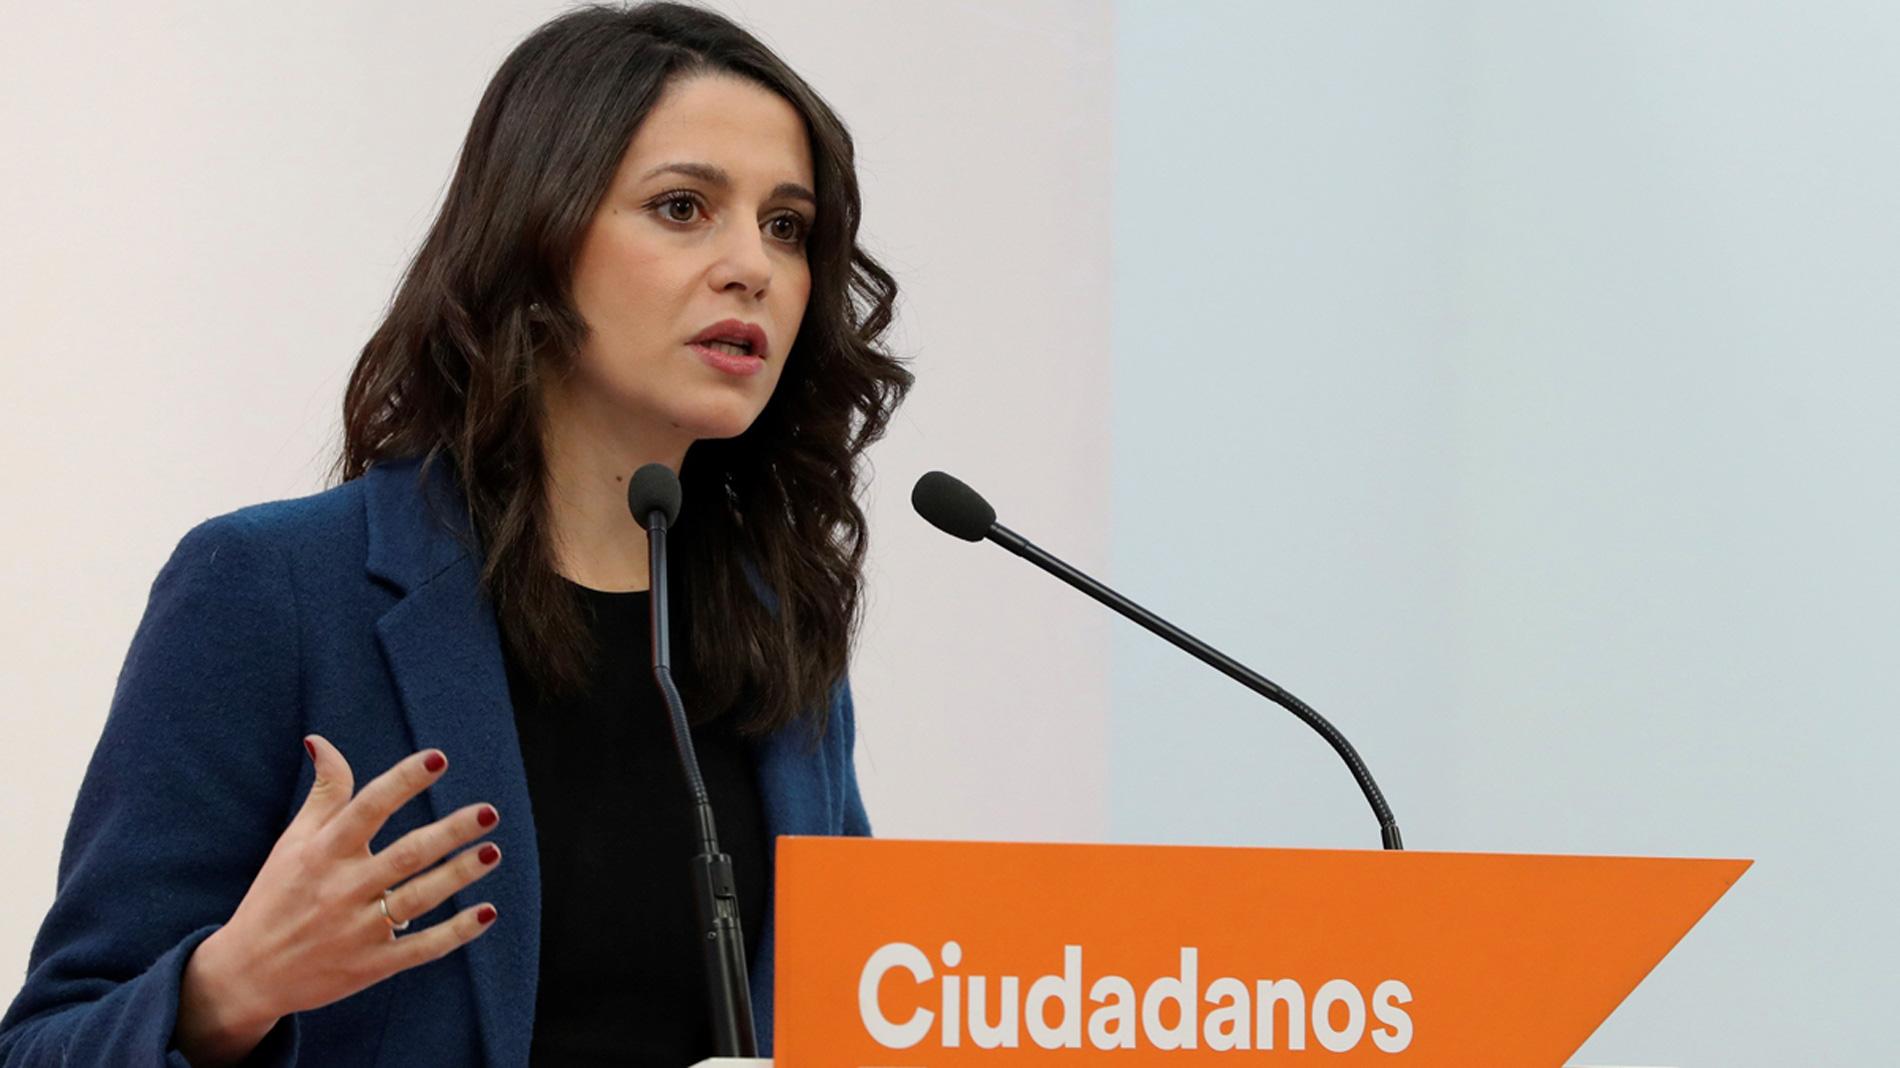 Ciudadanos forzara un pleno para que los soberanistas se pronuncien sobre Puigdemont